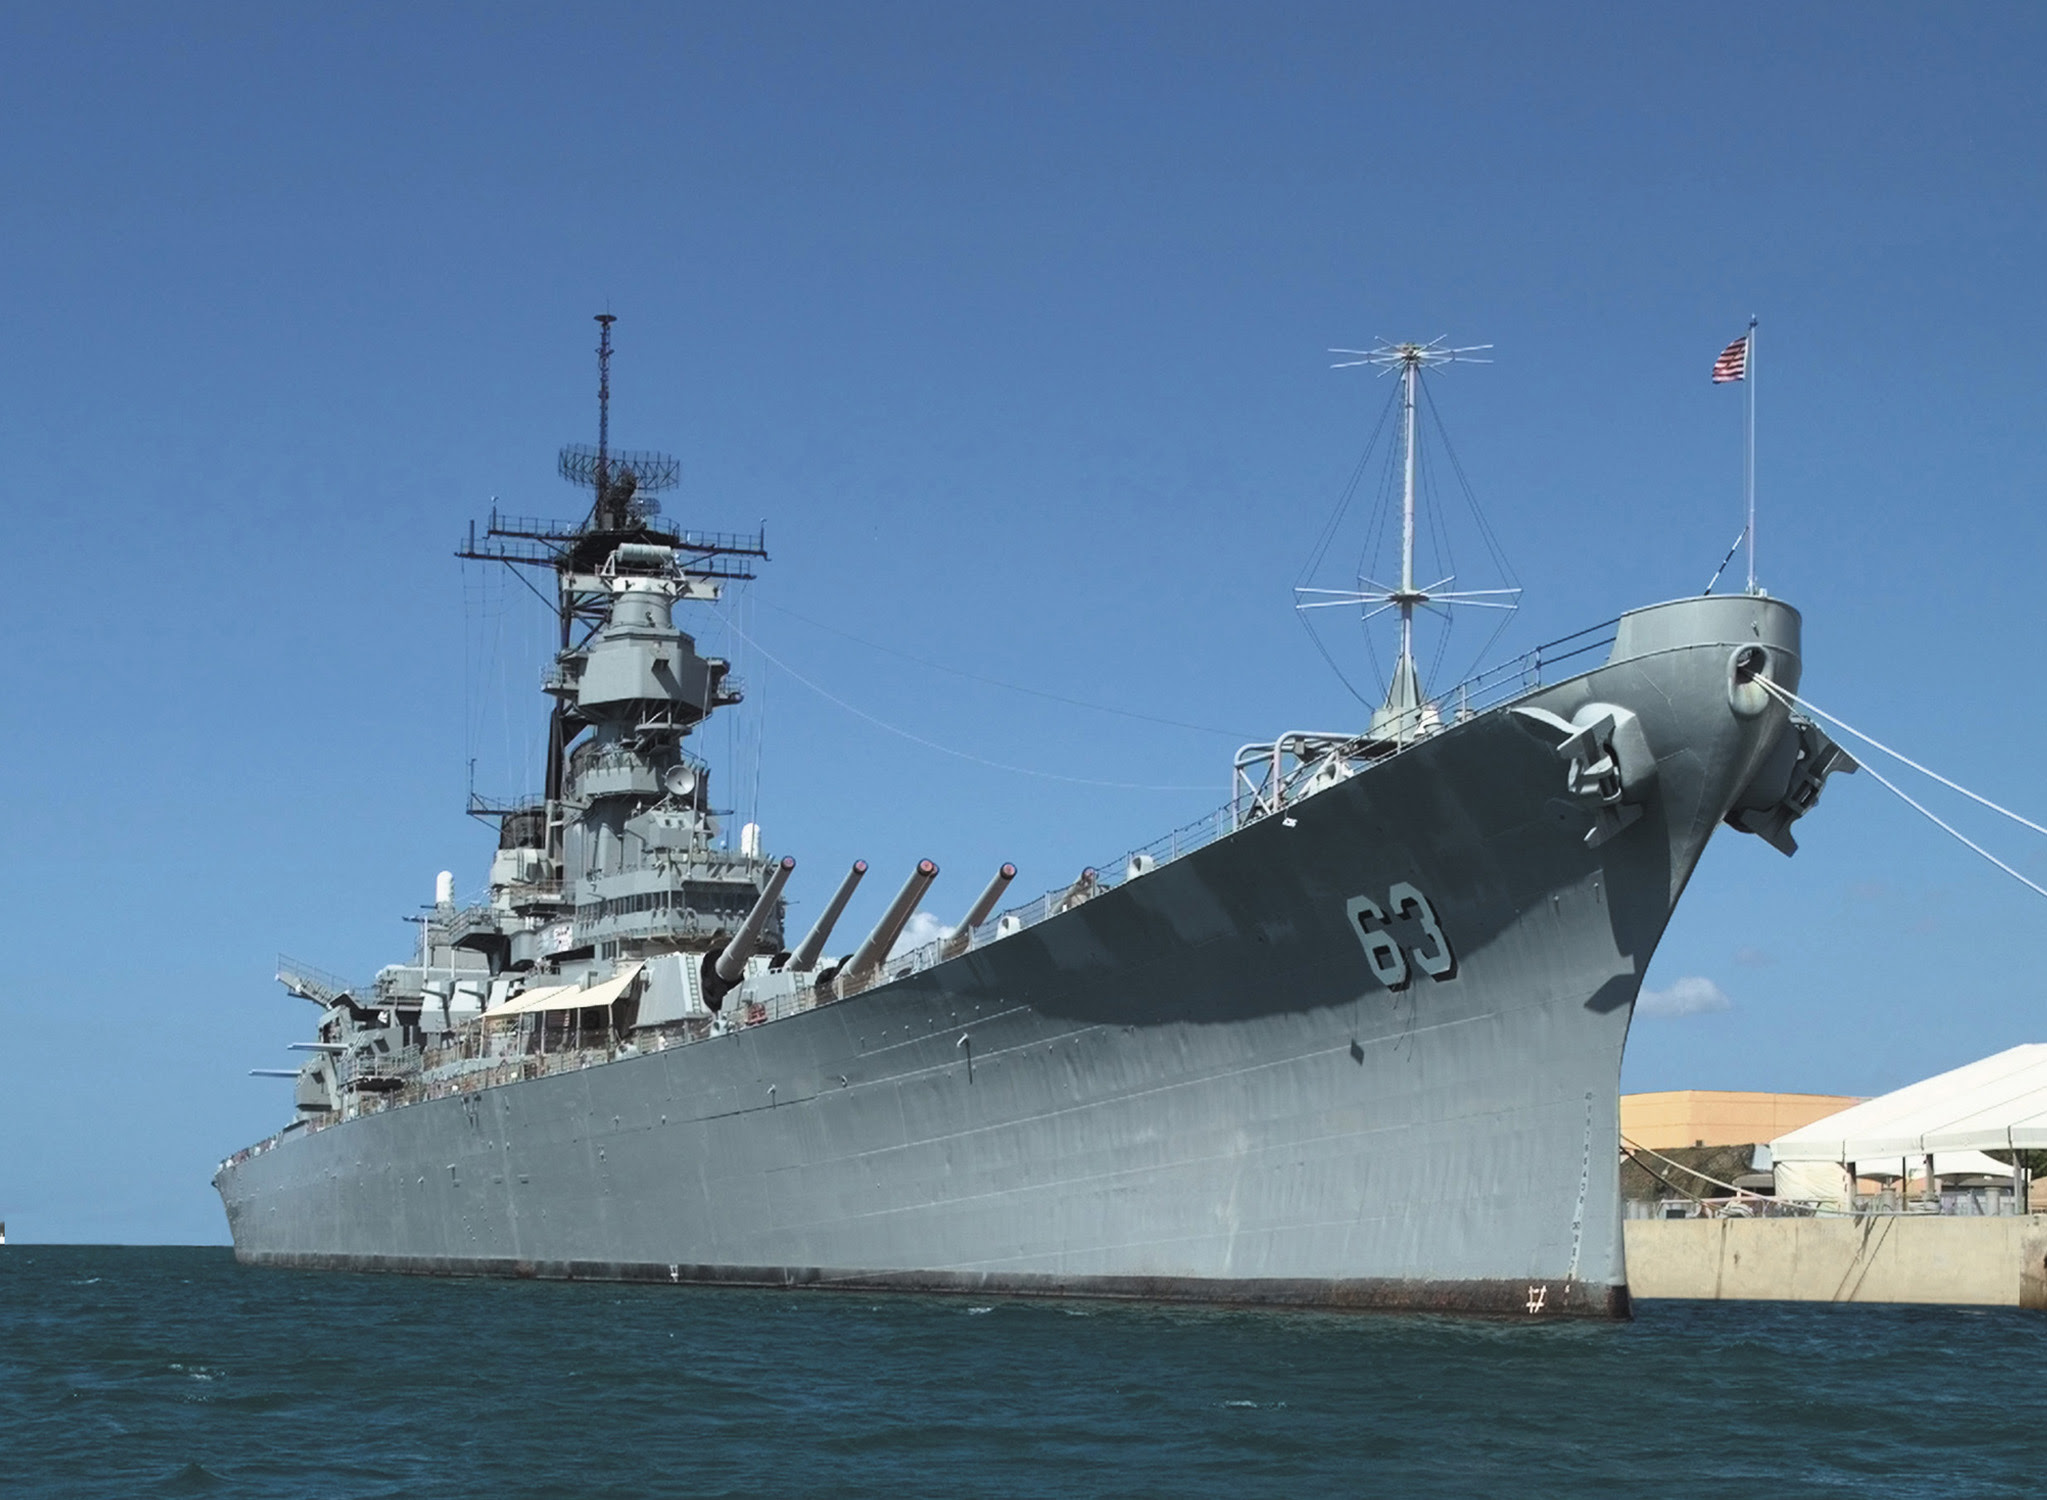 Αποτέλεσμα εικόνας για missouri battleship